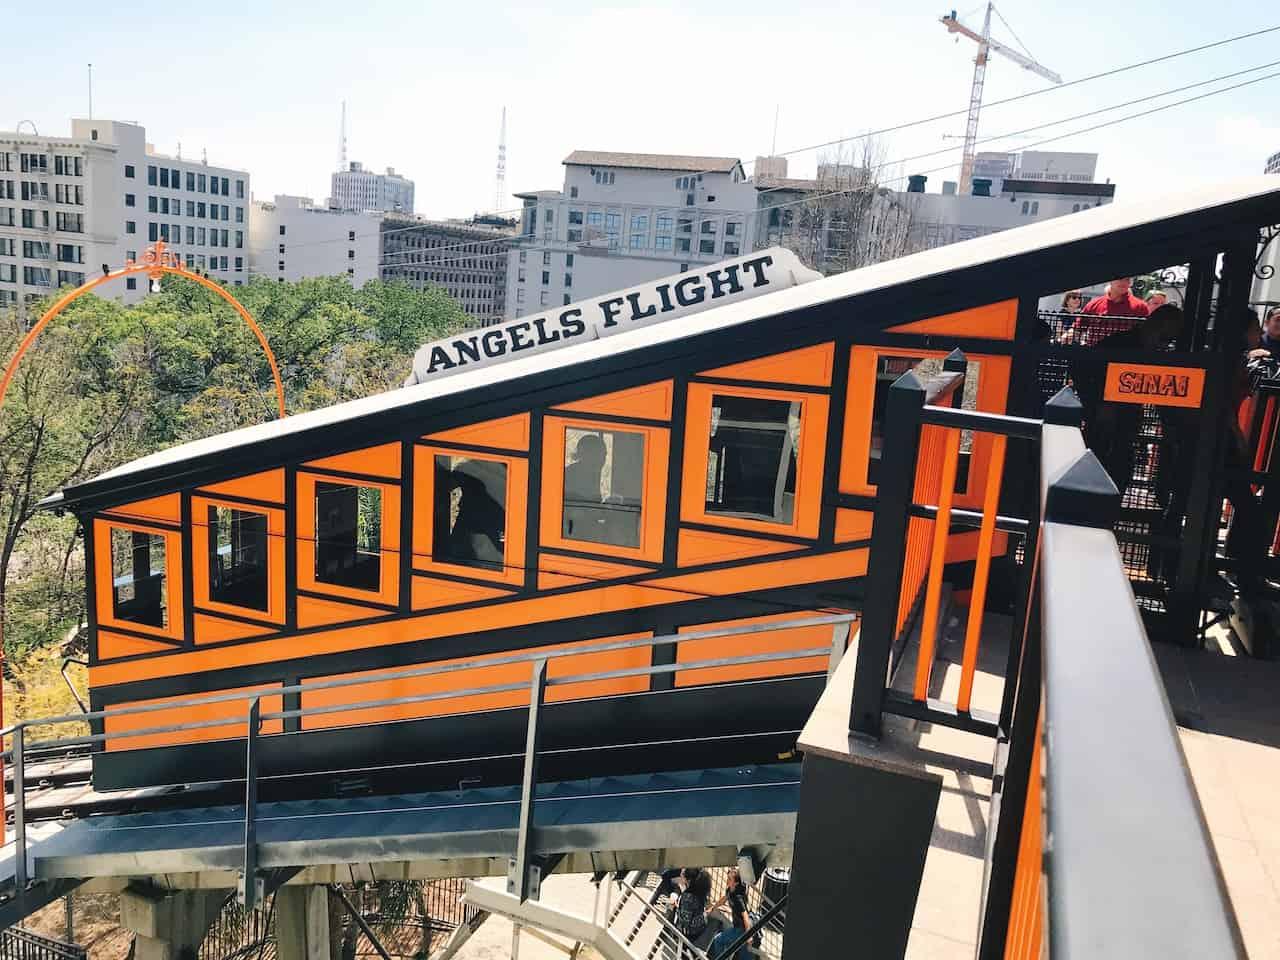 Angel's Flight in Downtown LA